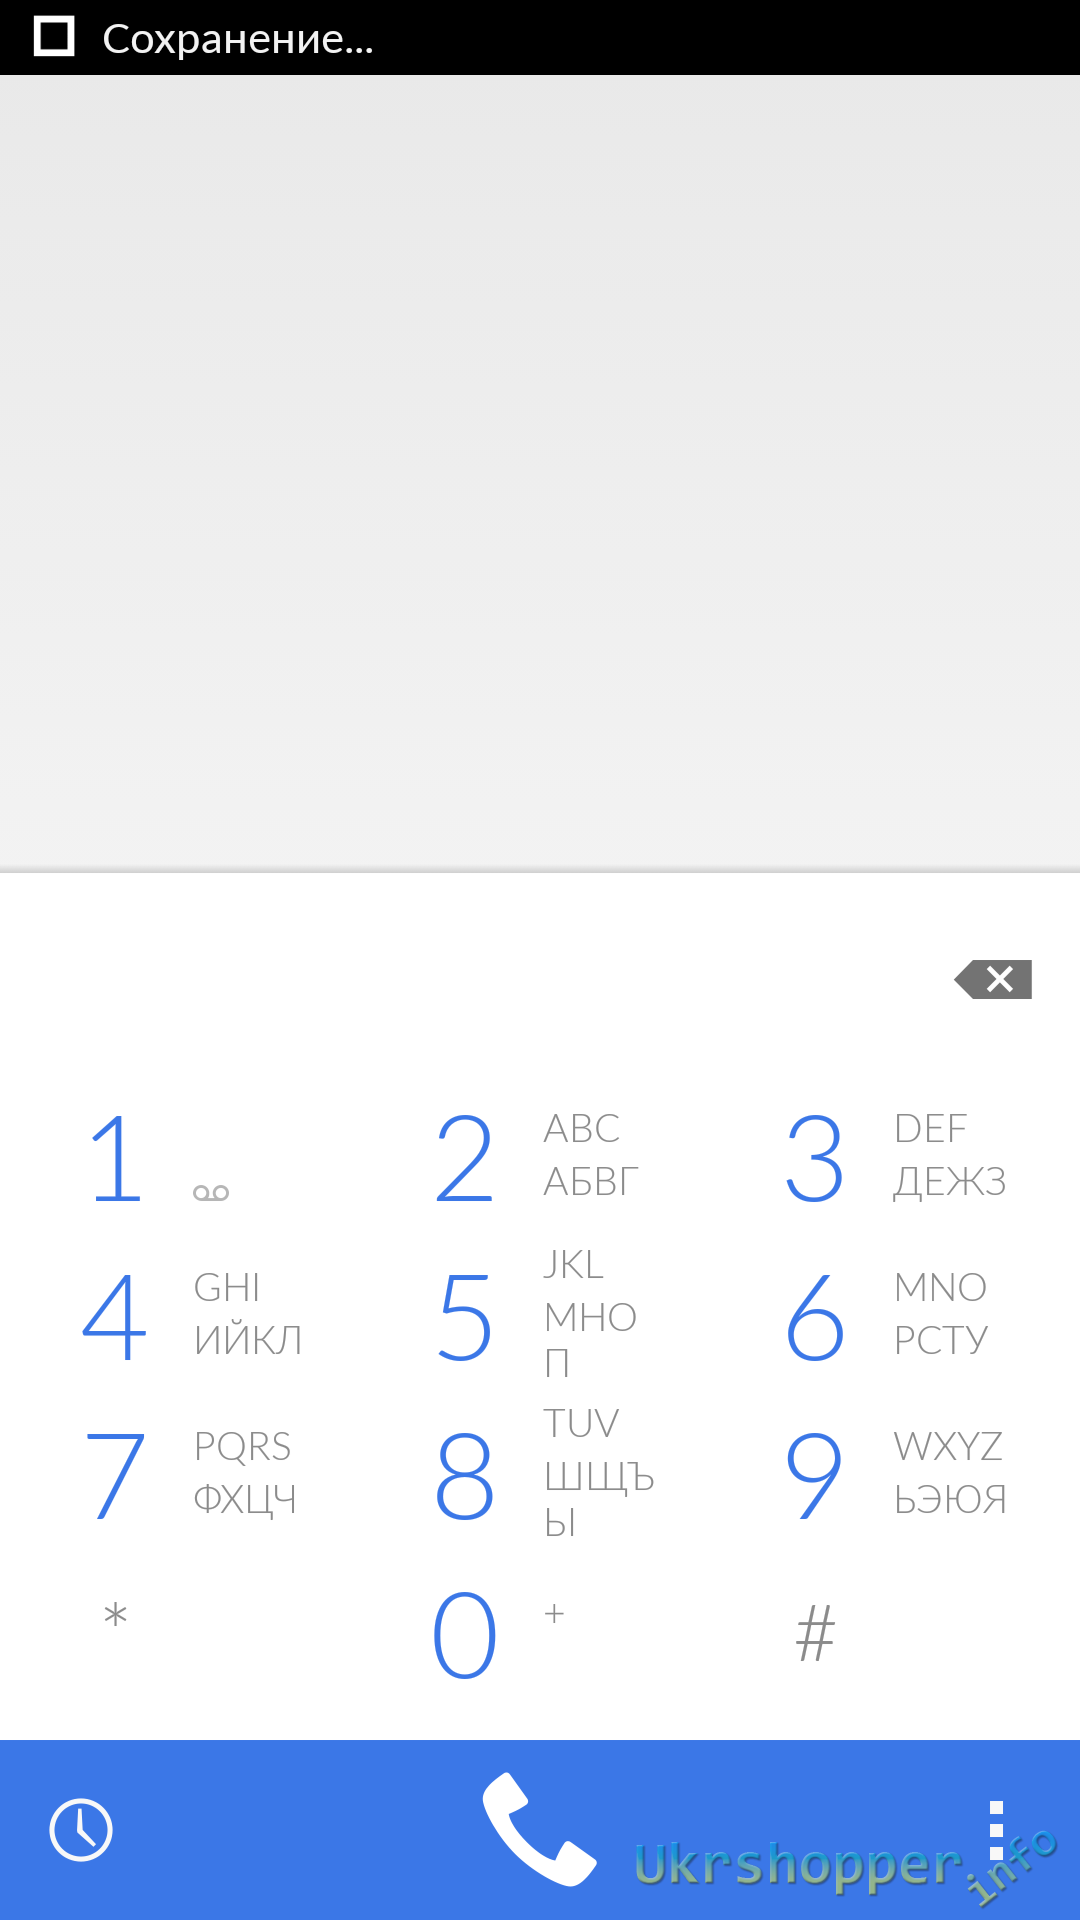 Comebuy.com: Полный обзор OnePlus One - флагман или белый убийца ТОП смартфонов